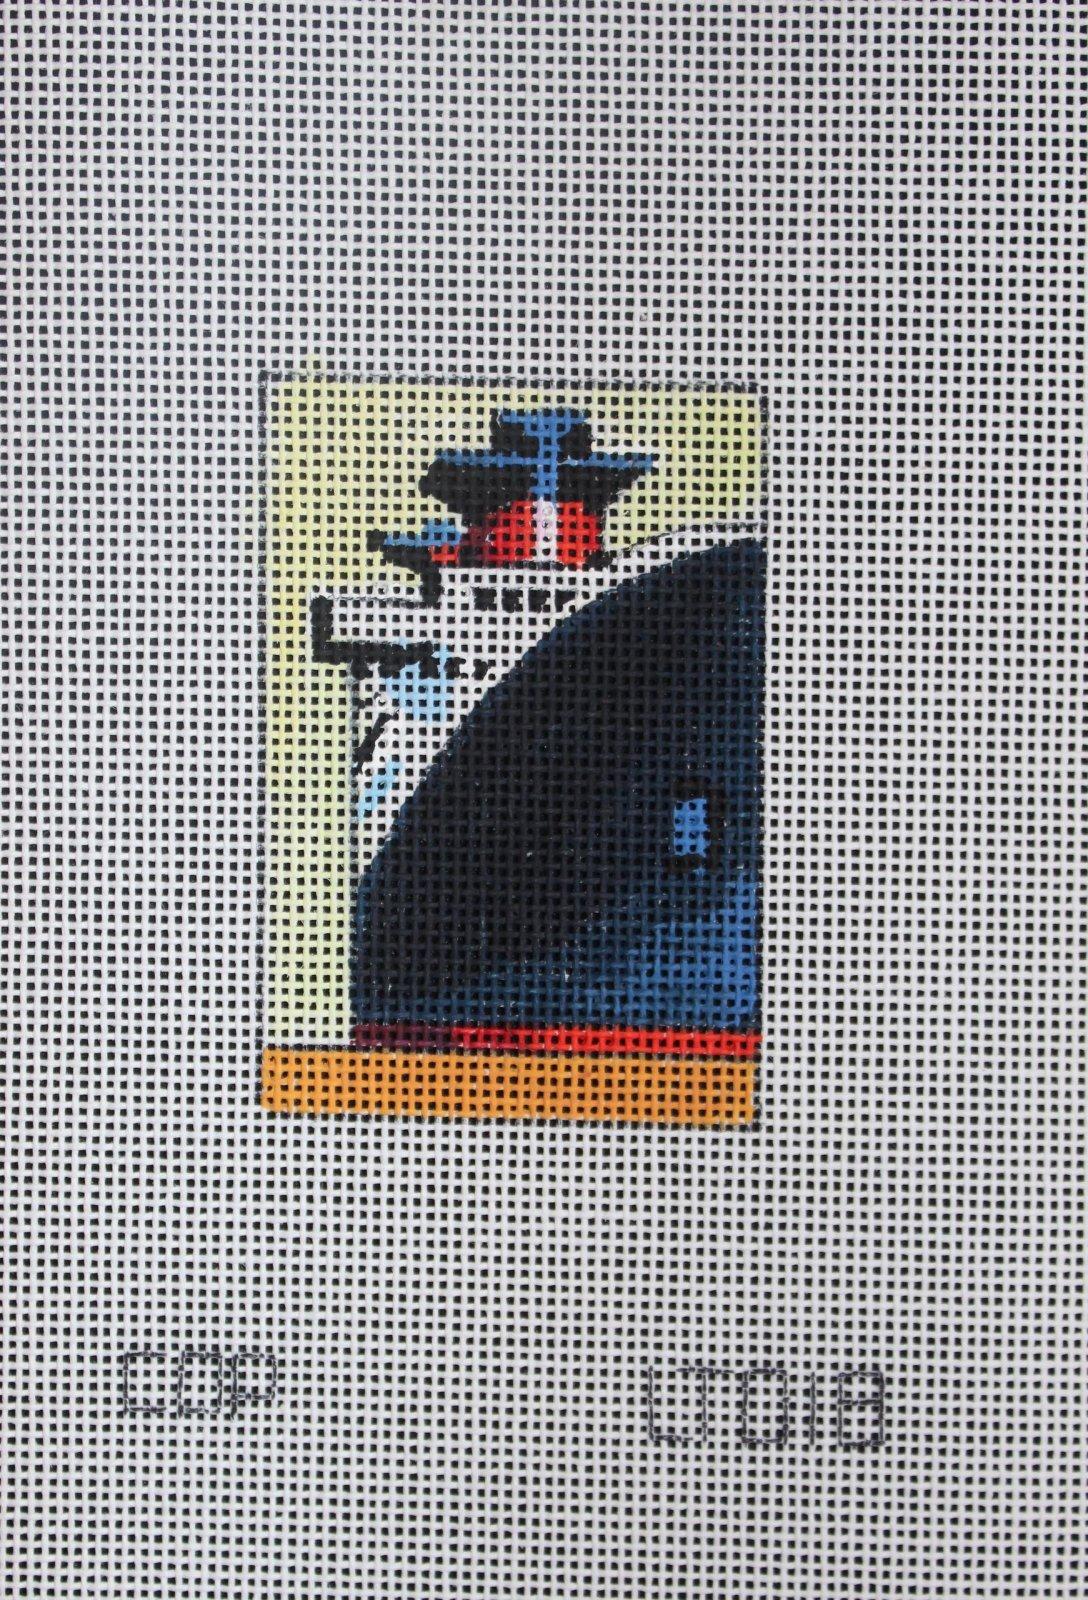 LT 018 Ship